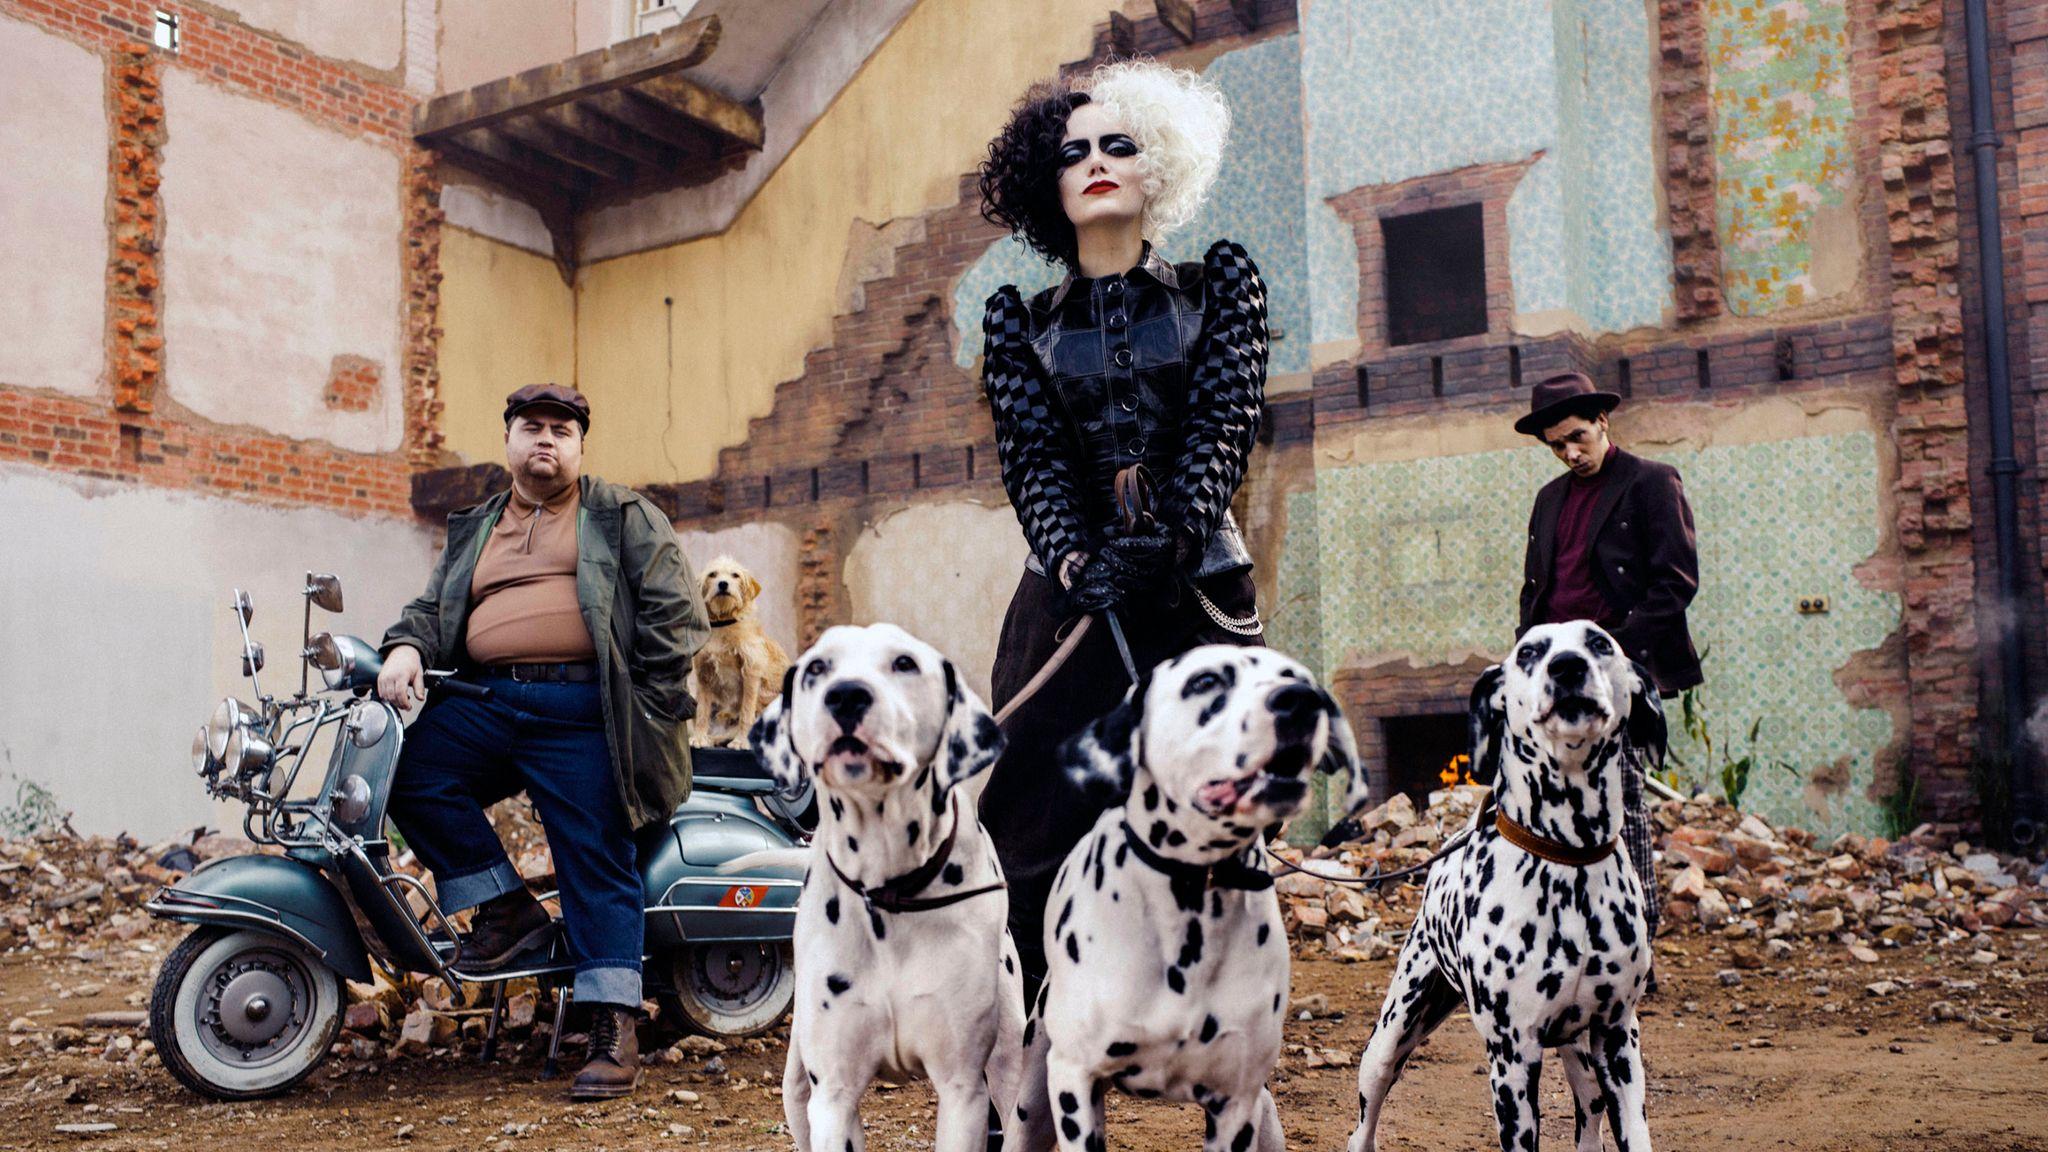 Disney's blockbusting Cruella prequel is reportedly getting a sequel  following big screen success   Ents & Arts News   Sky News